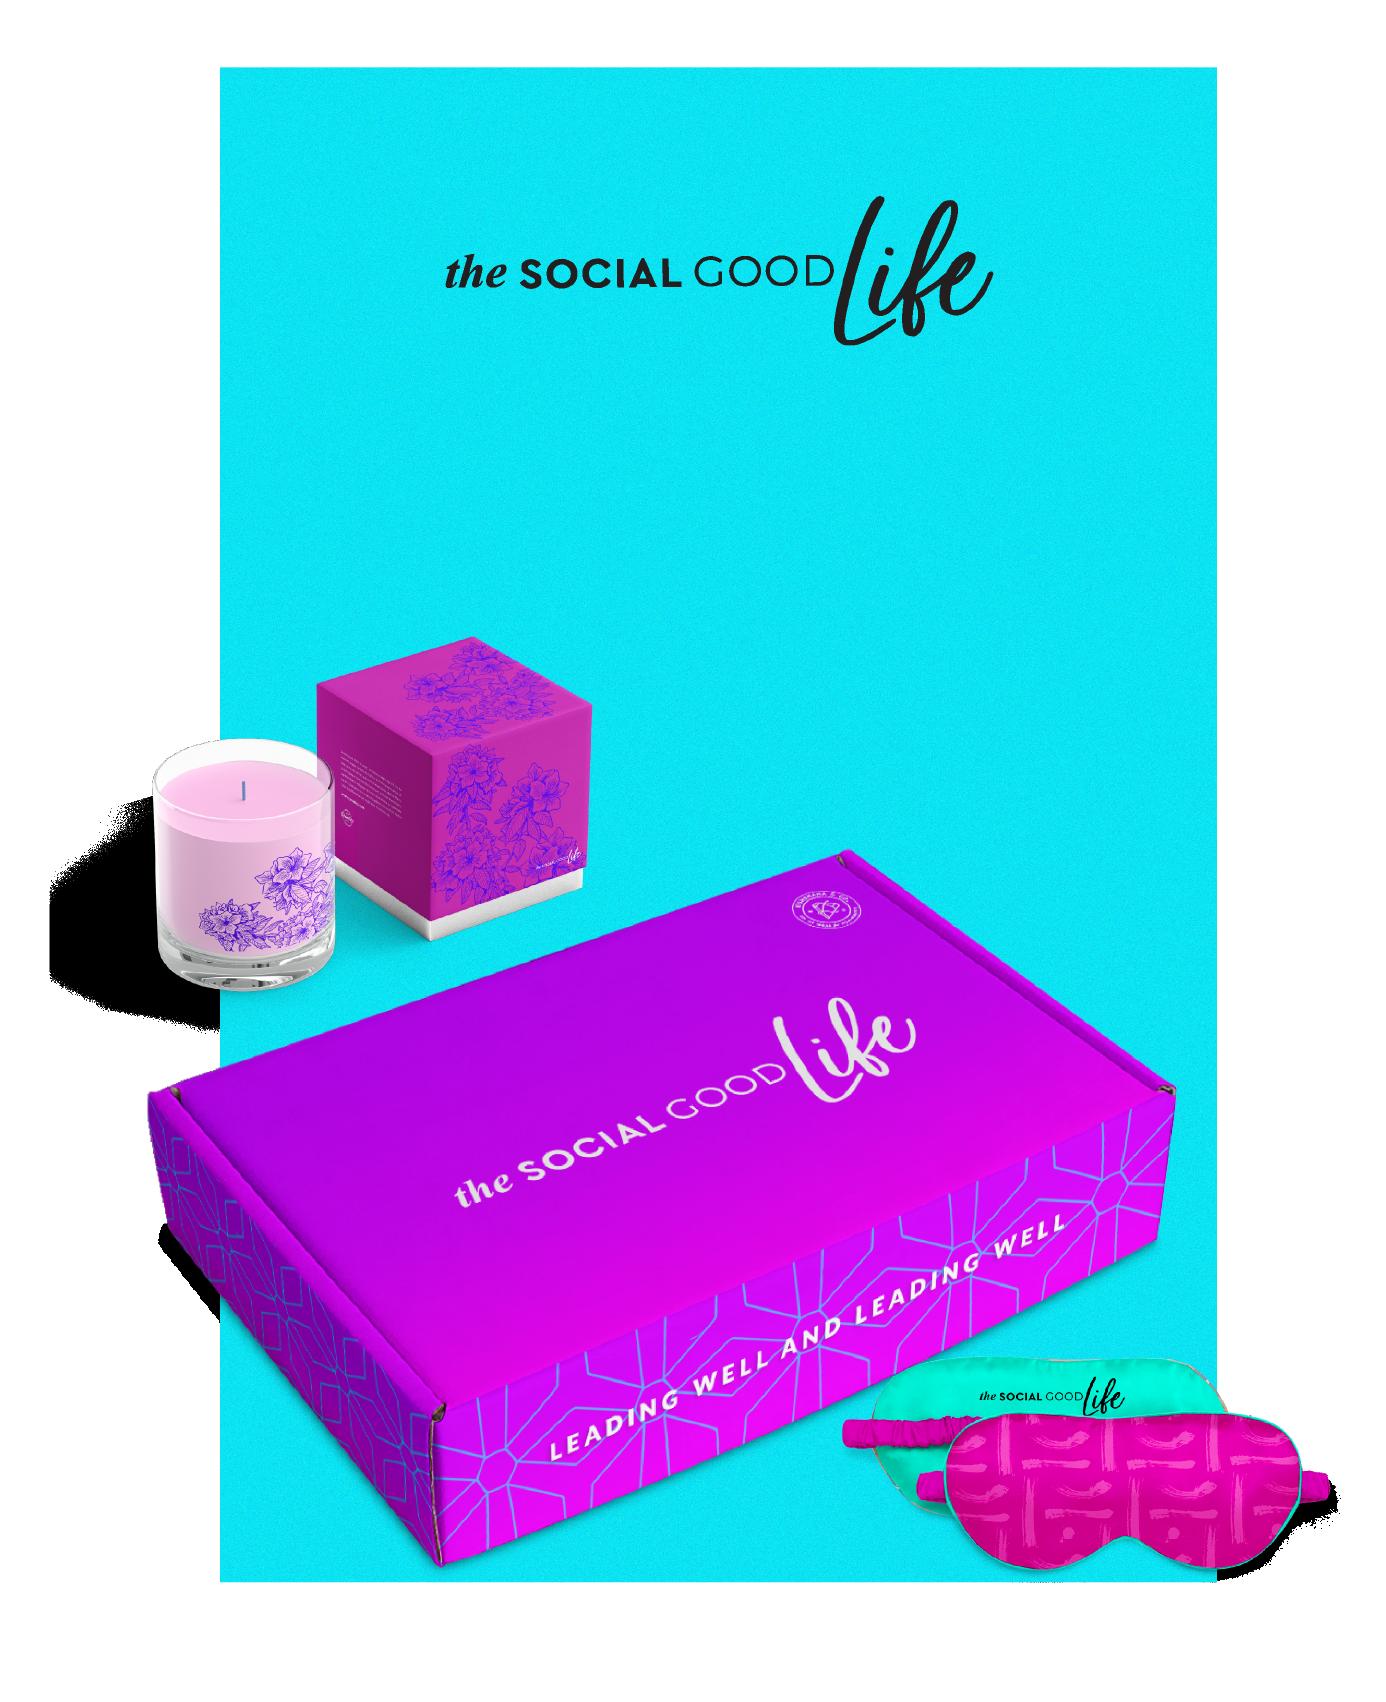 Kishshana_Kish_Social_Good_Life_Collateral